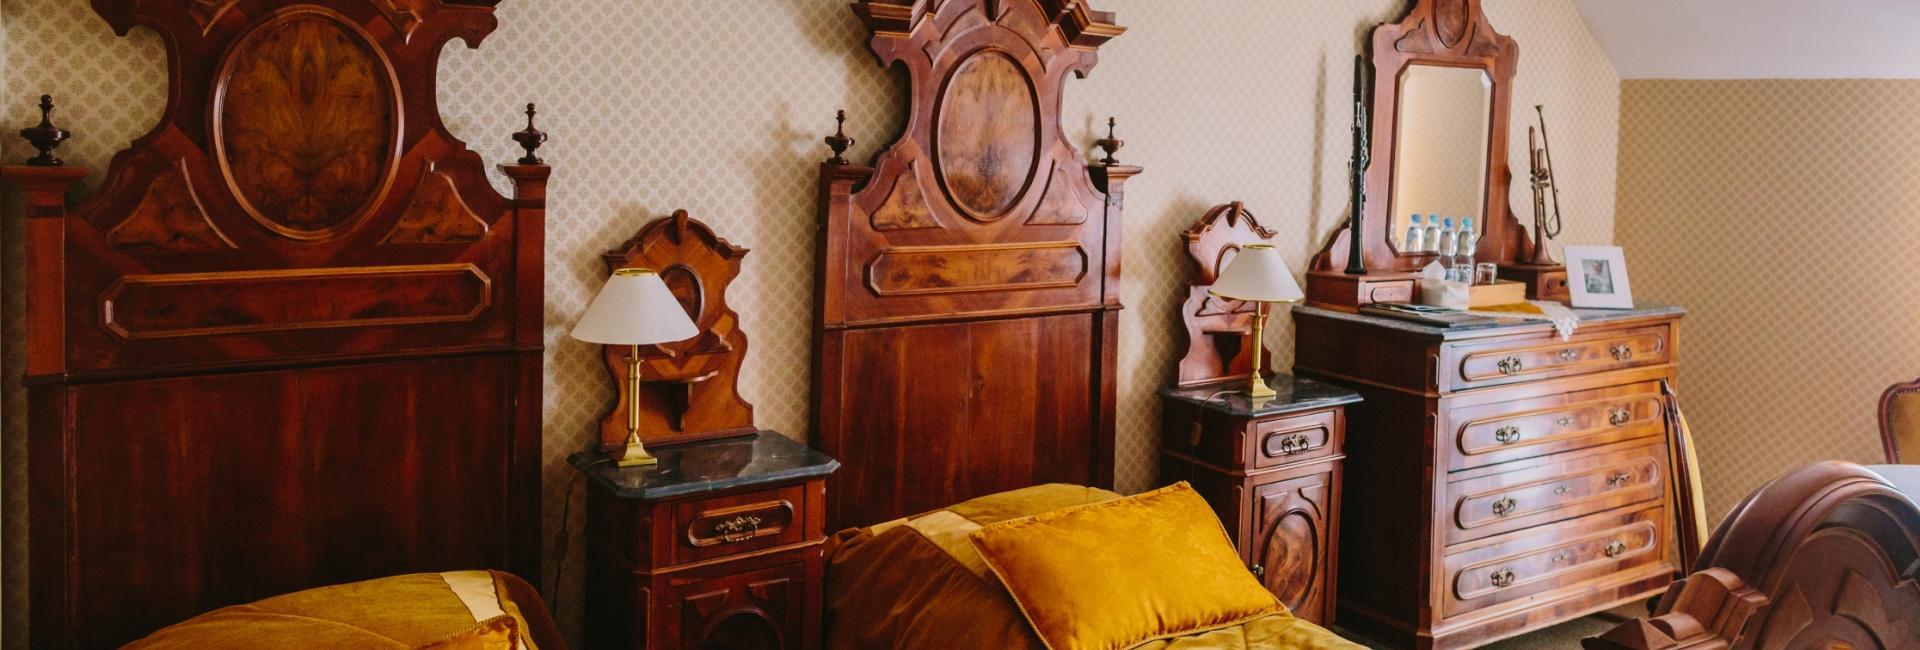 Room at Zakow Palace in Siennica, Mińsk Mazowiecki